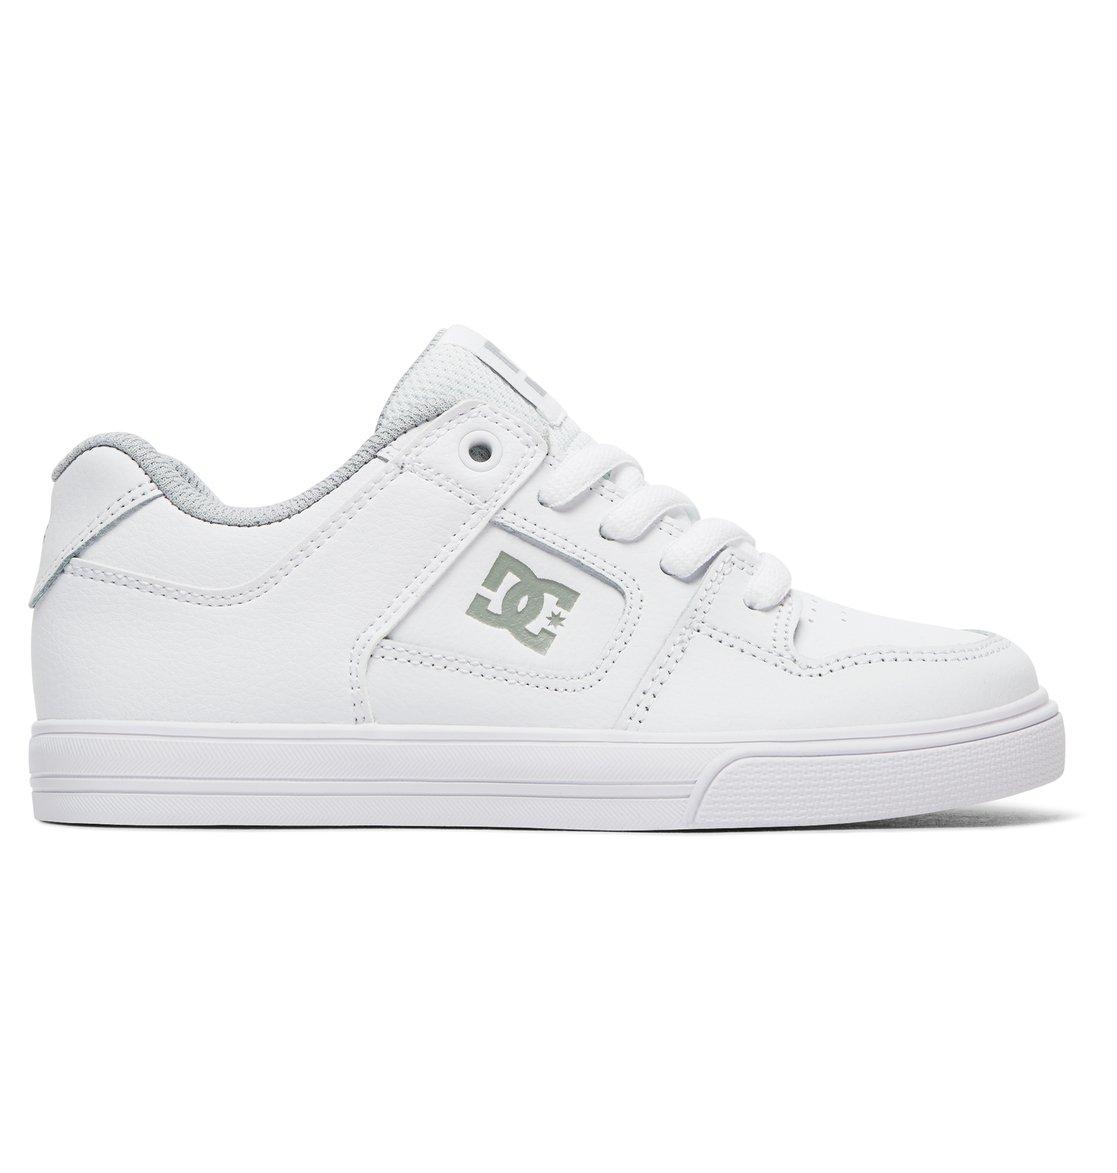 DC Shoes Pure - Shoes - Schuhe - Jungs 8-16 - EU 28 - Weiss